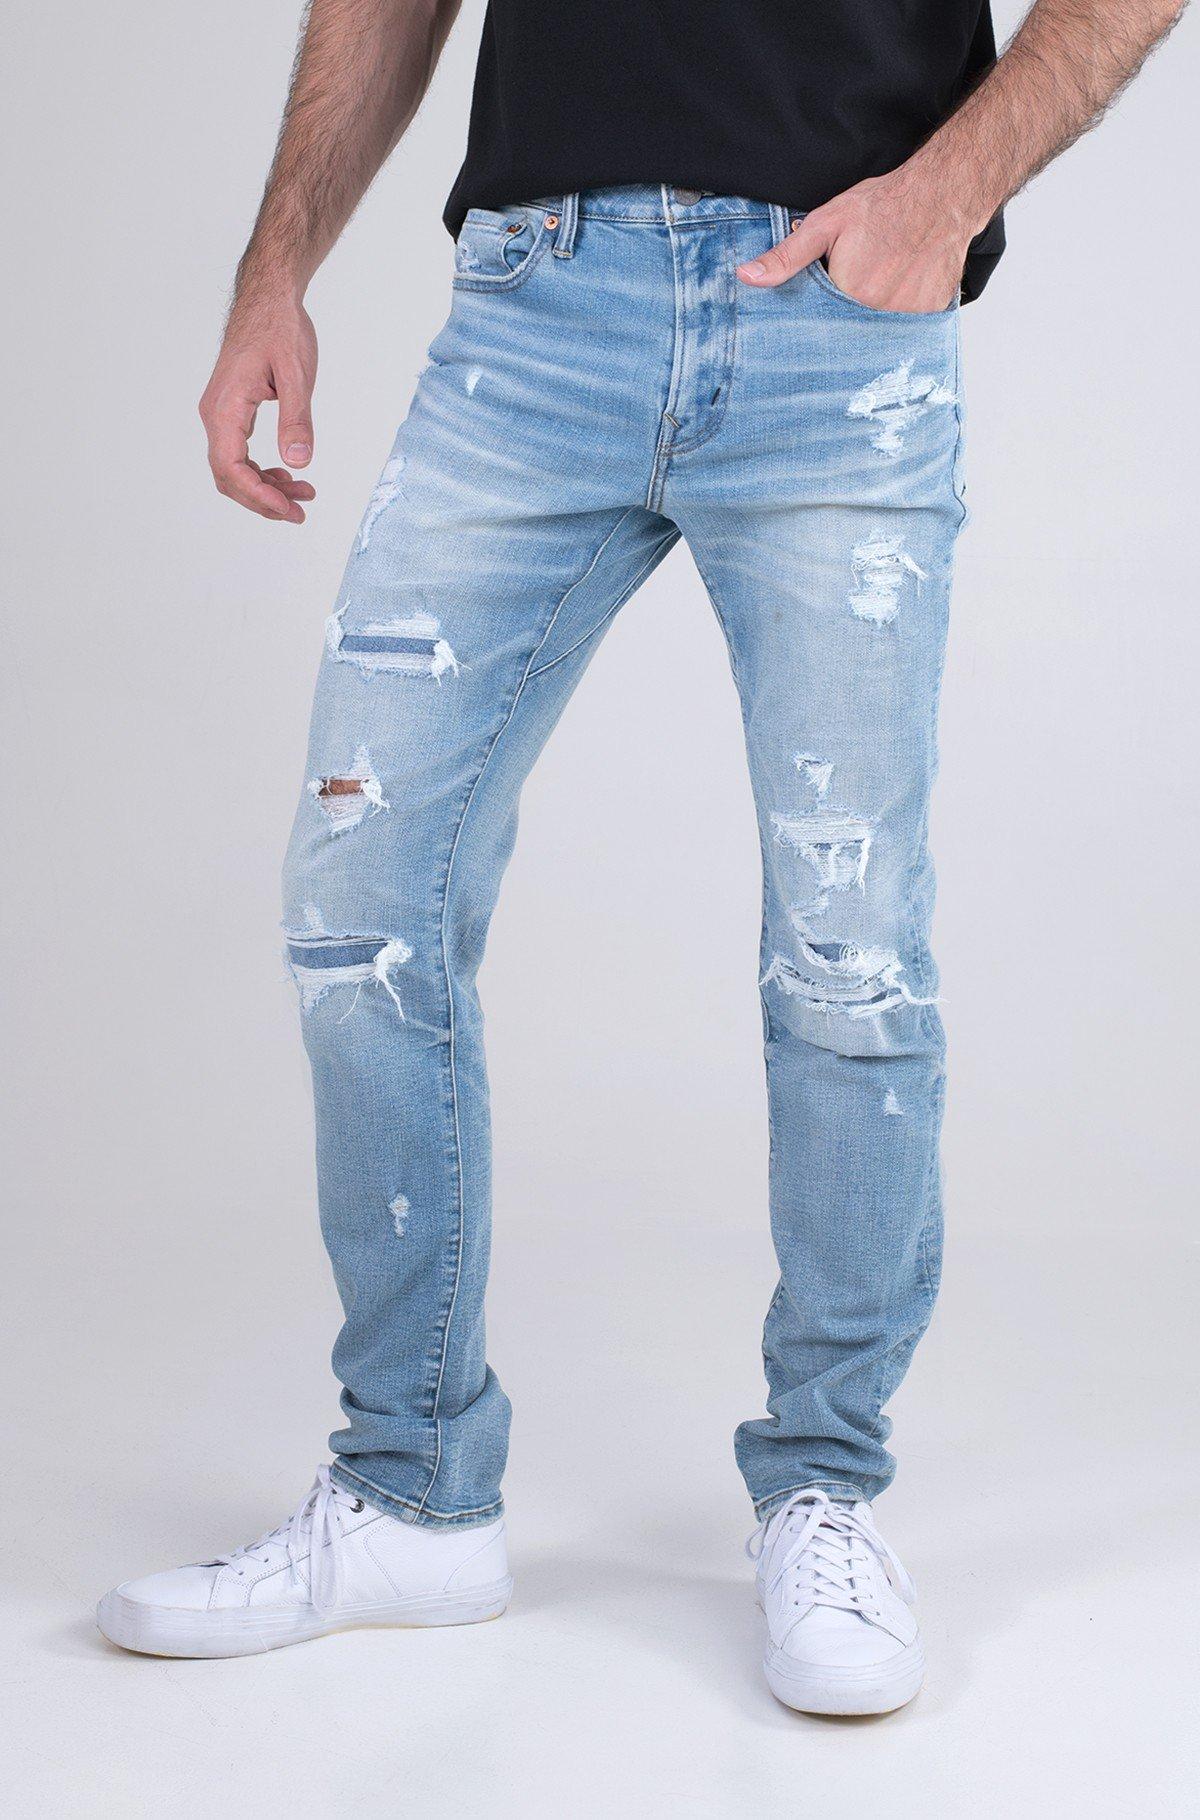 Jeans 011-0117-5763-full-1